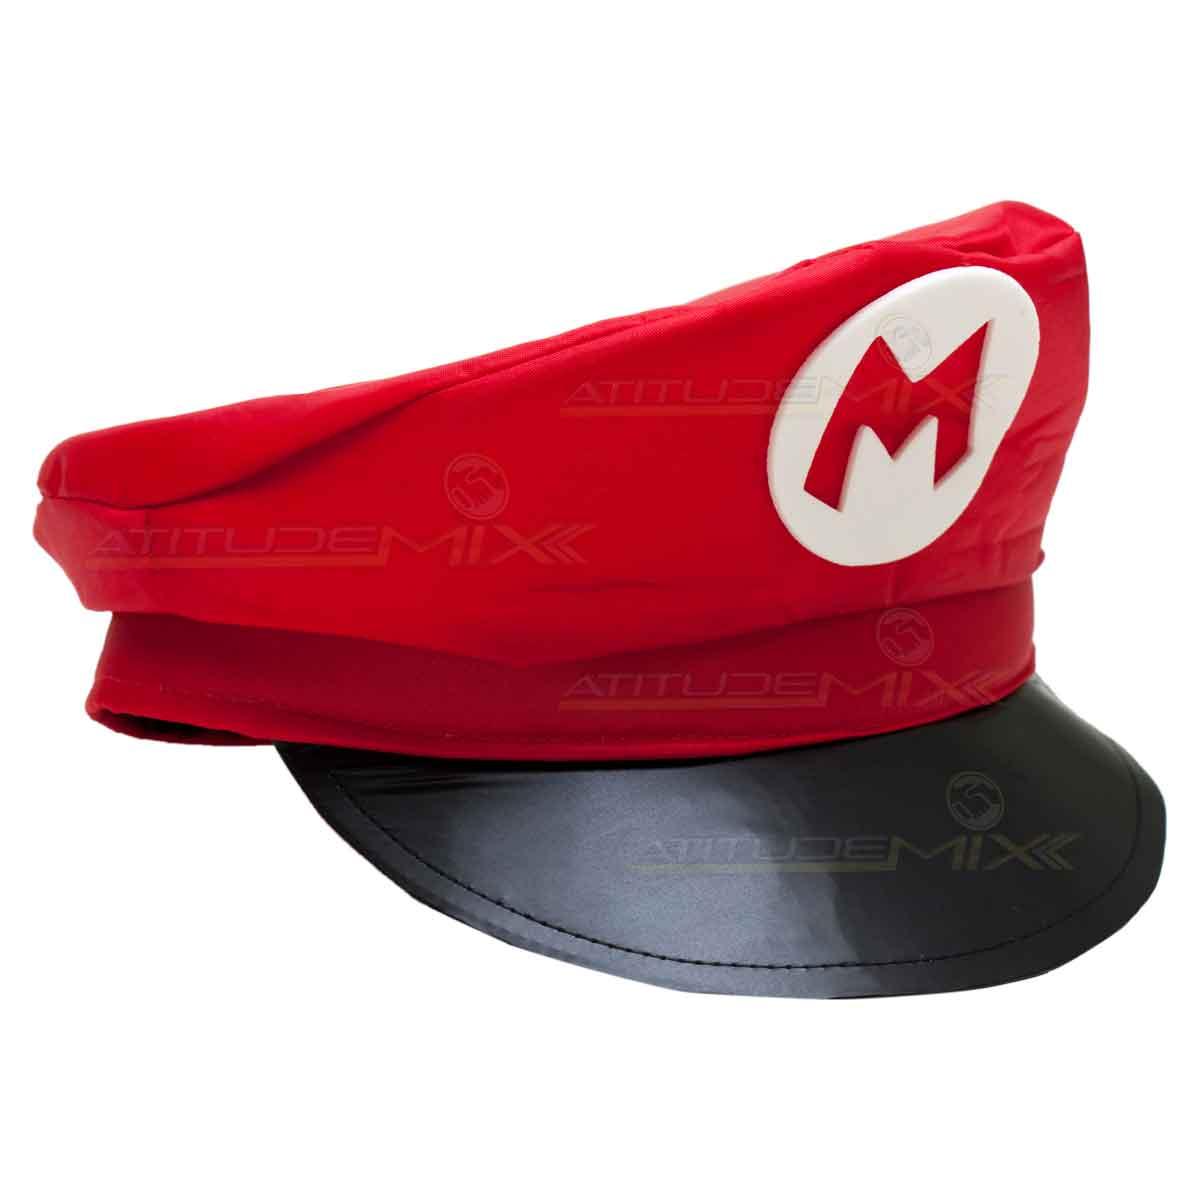 7effdd0156522 Quepe Chapéu Boina Super Mario Bros Cosplay Fantasia - AtitudeMix